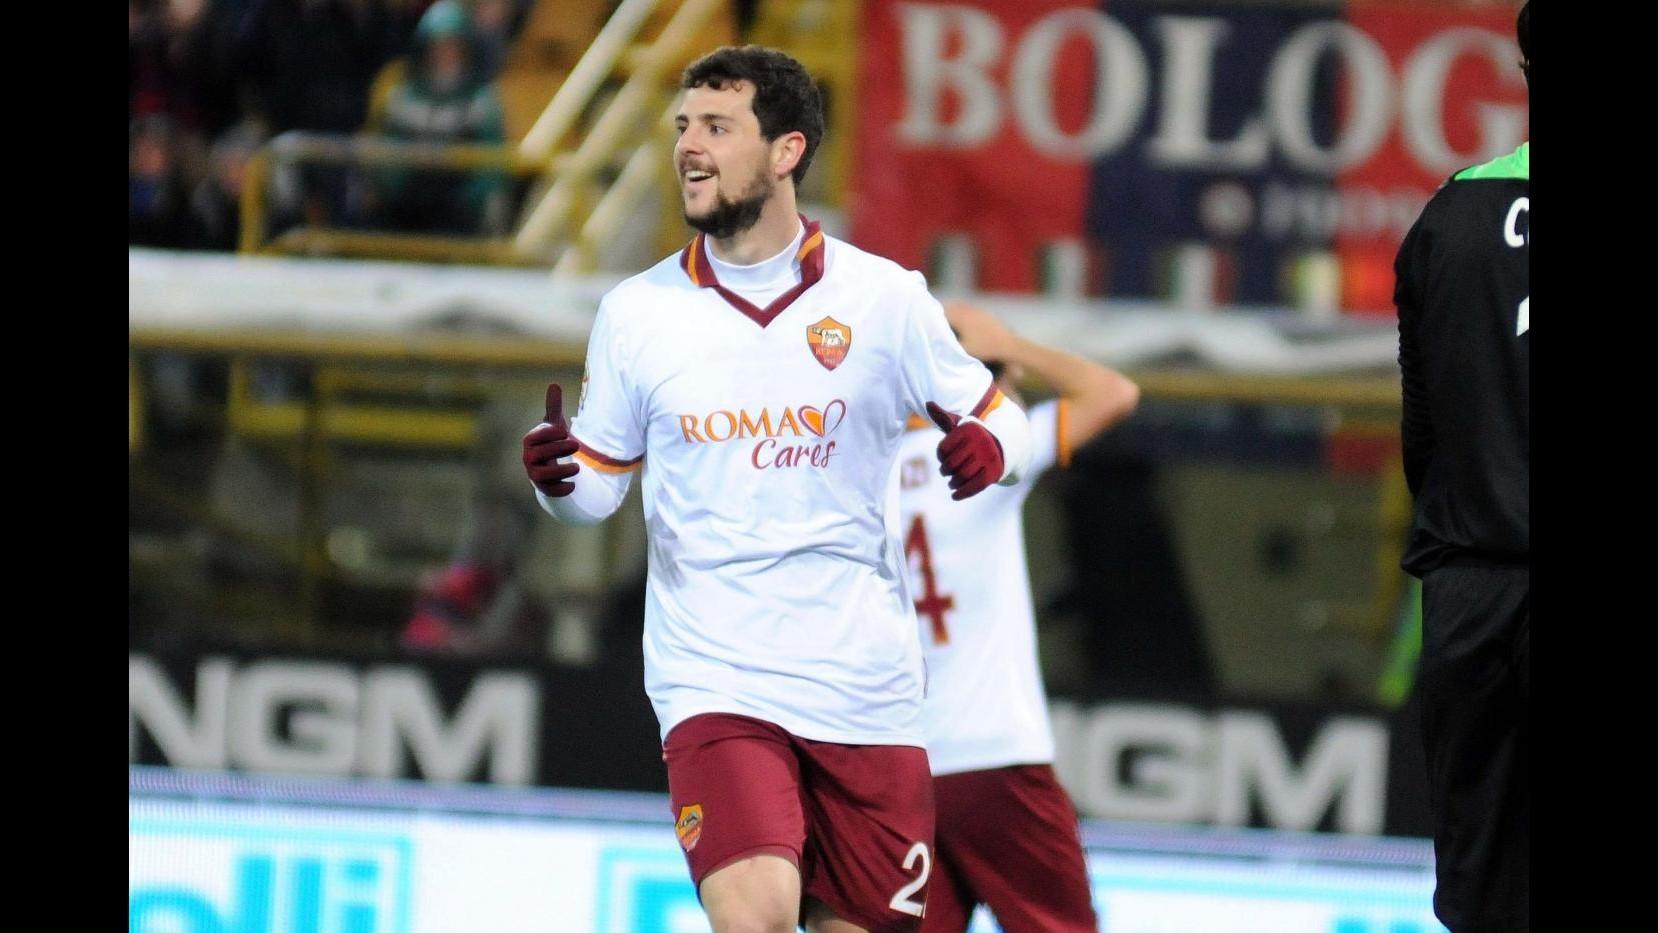 Roma, 3-3 con Fenerbahce in amichevole all'Olimpico: doppietta di Destro